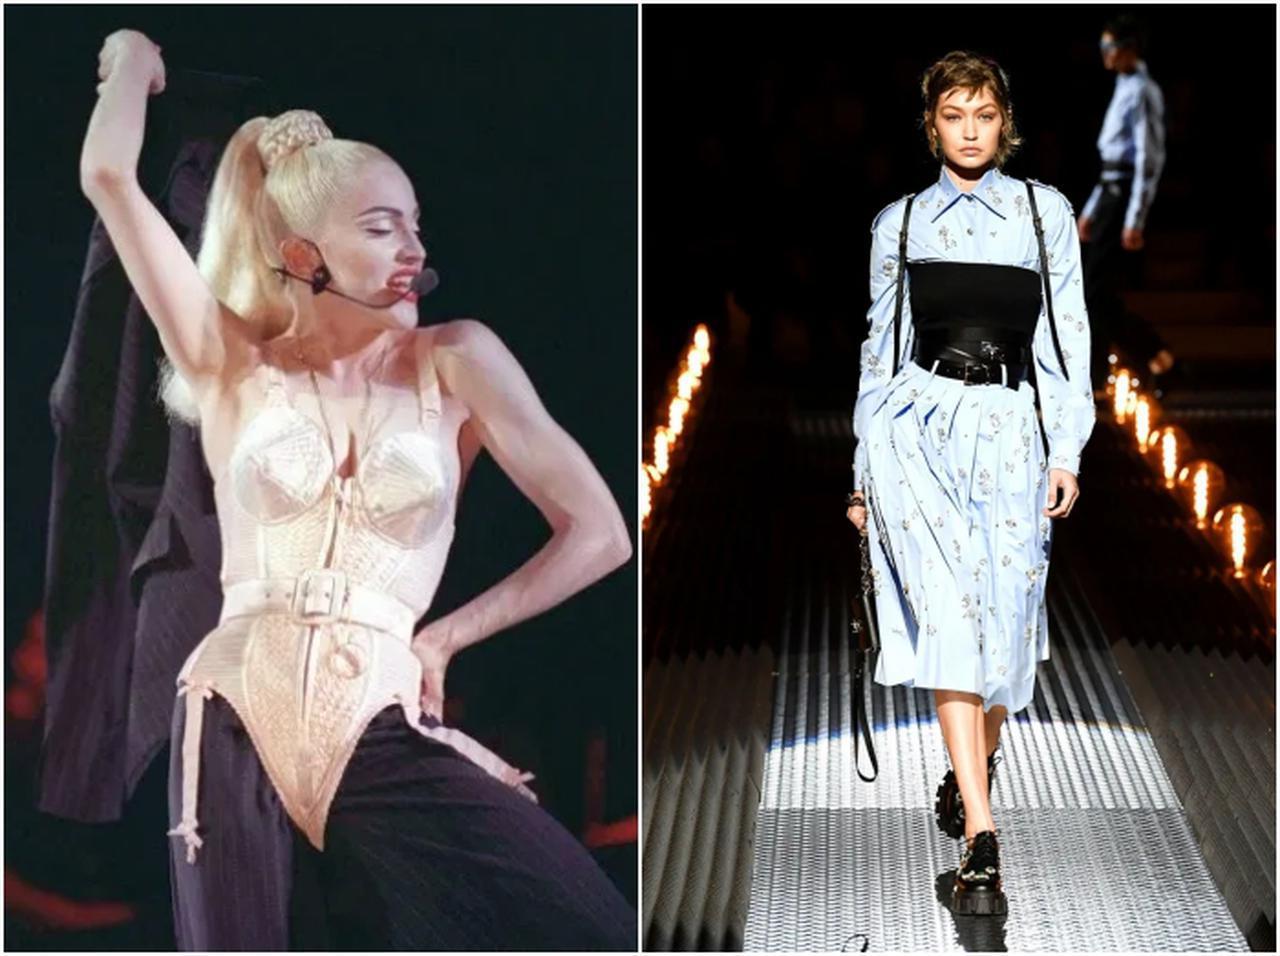 画像: 1990年、マドンナがジャンポール・ゴルチエに依頼したコルセットスーツは、歴史的名作と称された。プラダ2019-20年秋冬コレクションで、シャツドレスの上から着けたハードなコルセットが話題を呼んだ。